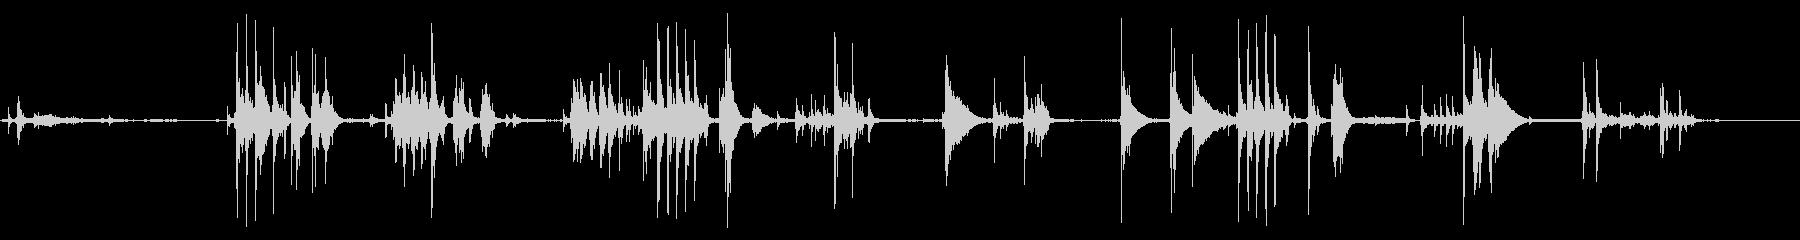 1973ピンボールマシン:ロングプ...の未再生の波形